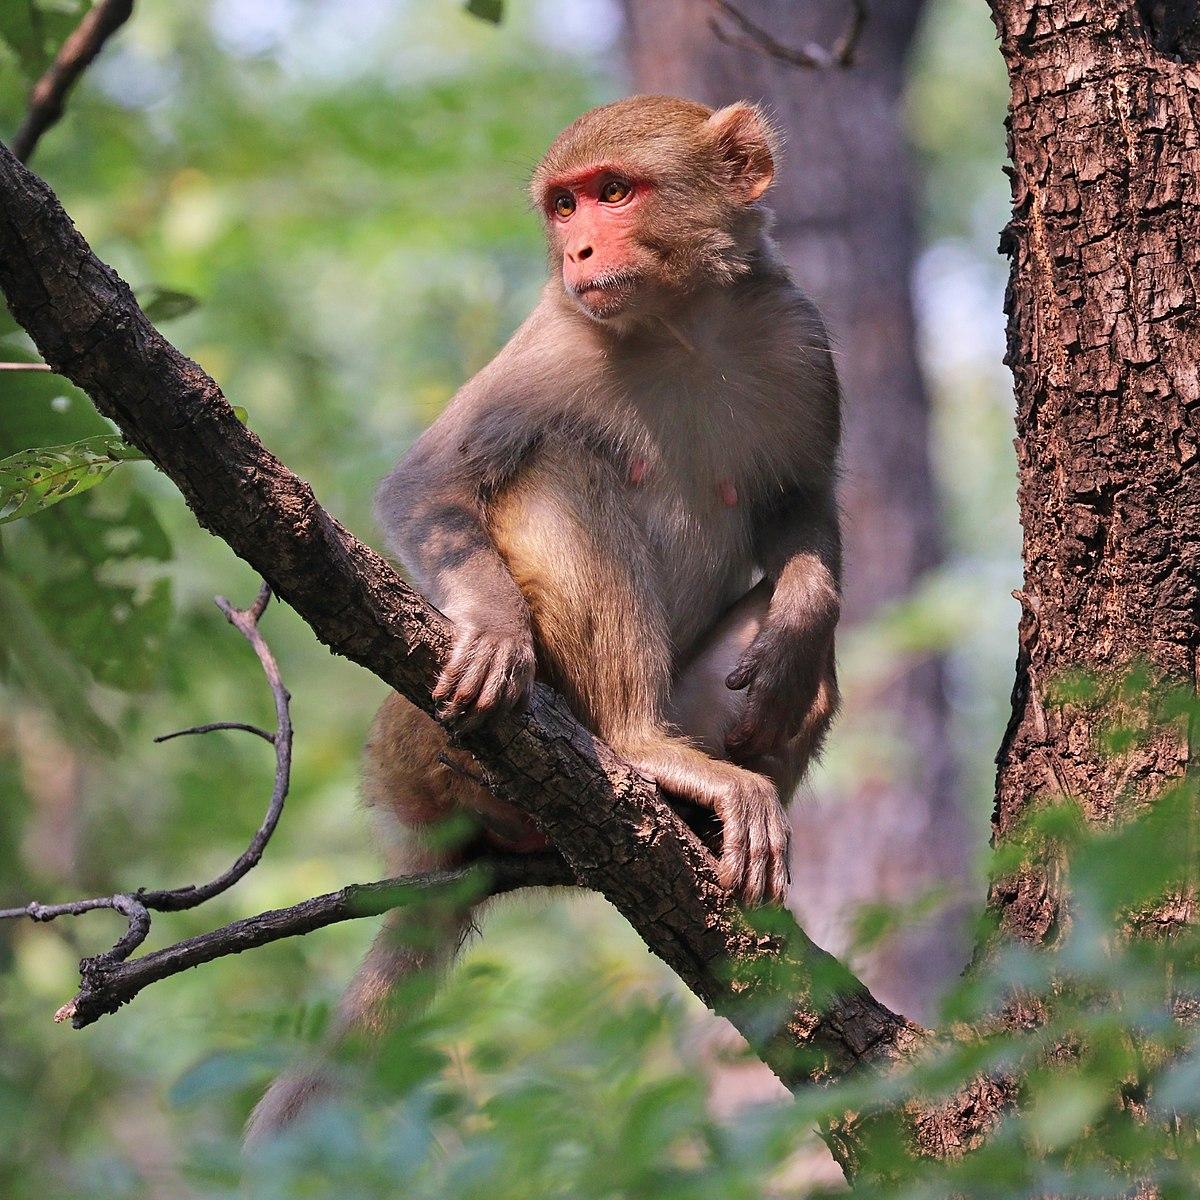 Hình ảnh con khỉ trên cây